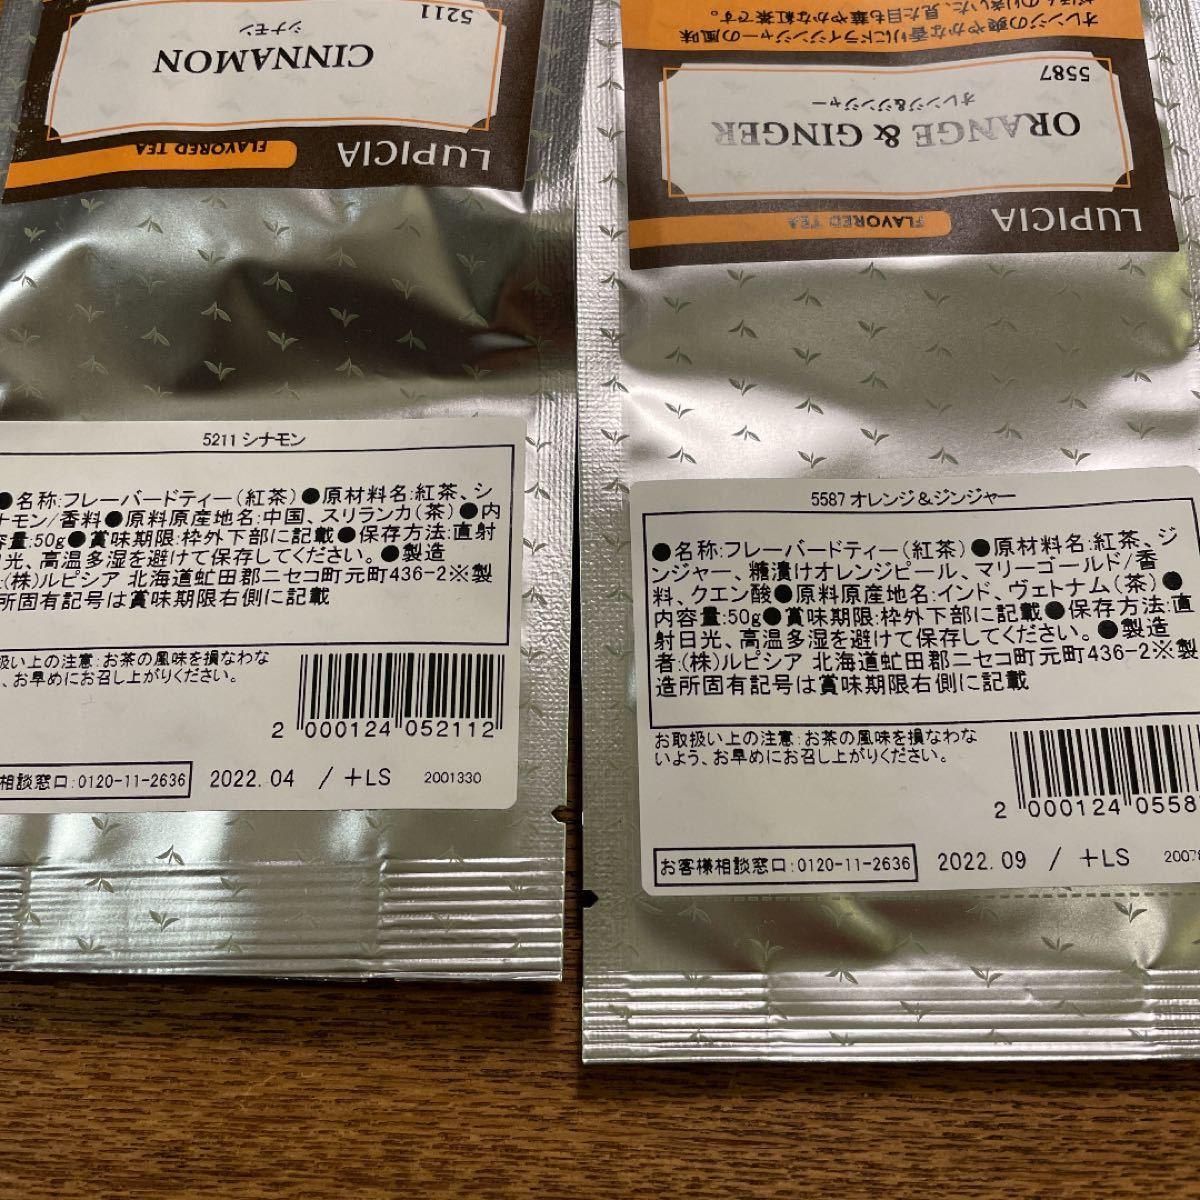 ルピシア 紅茶 LUPICIA フレーバー 3点